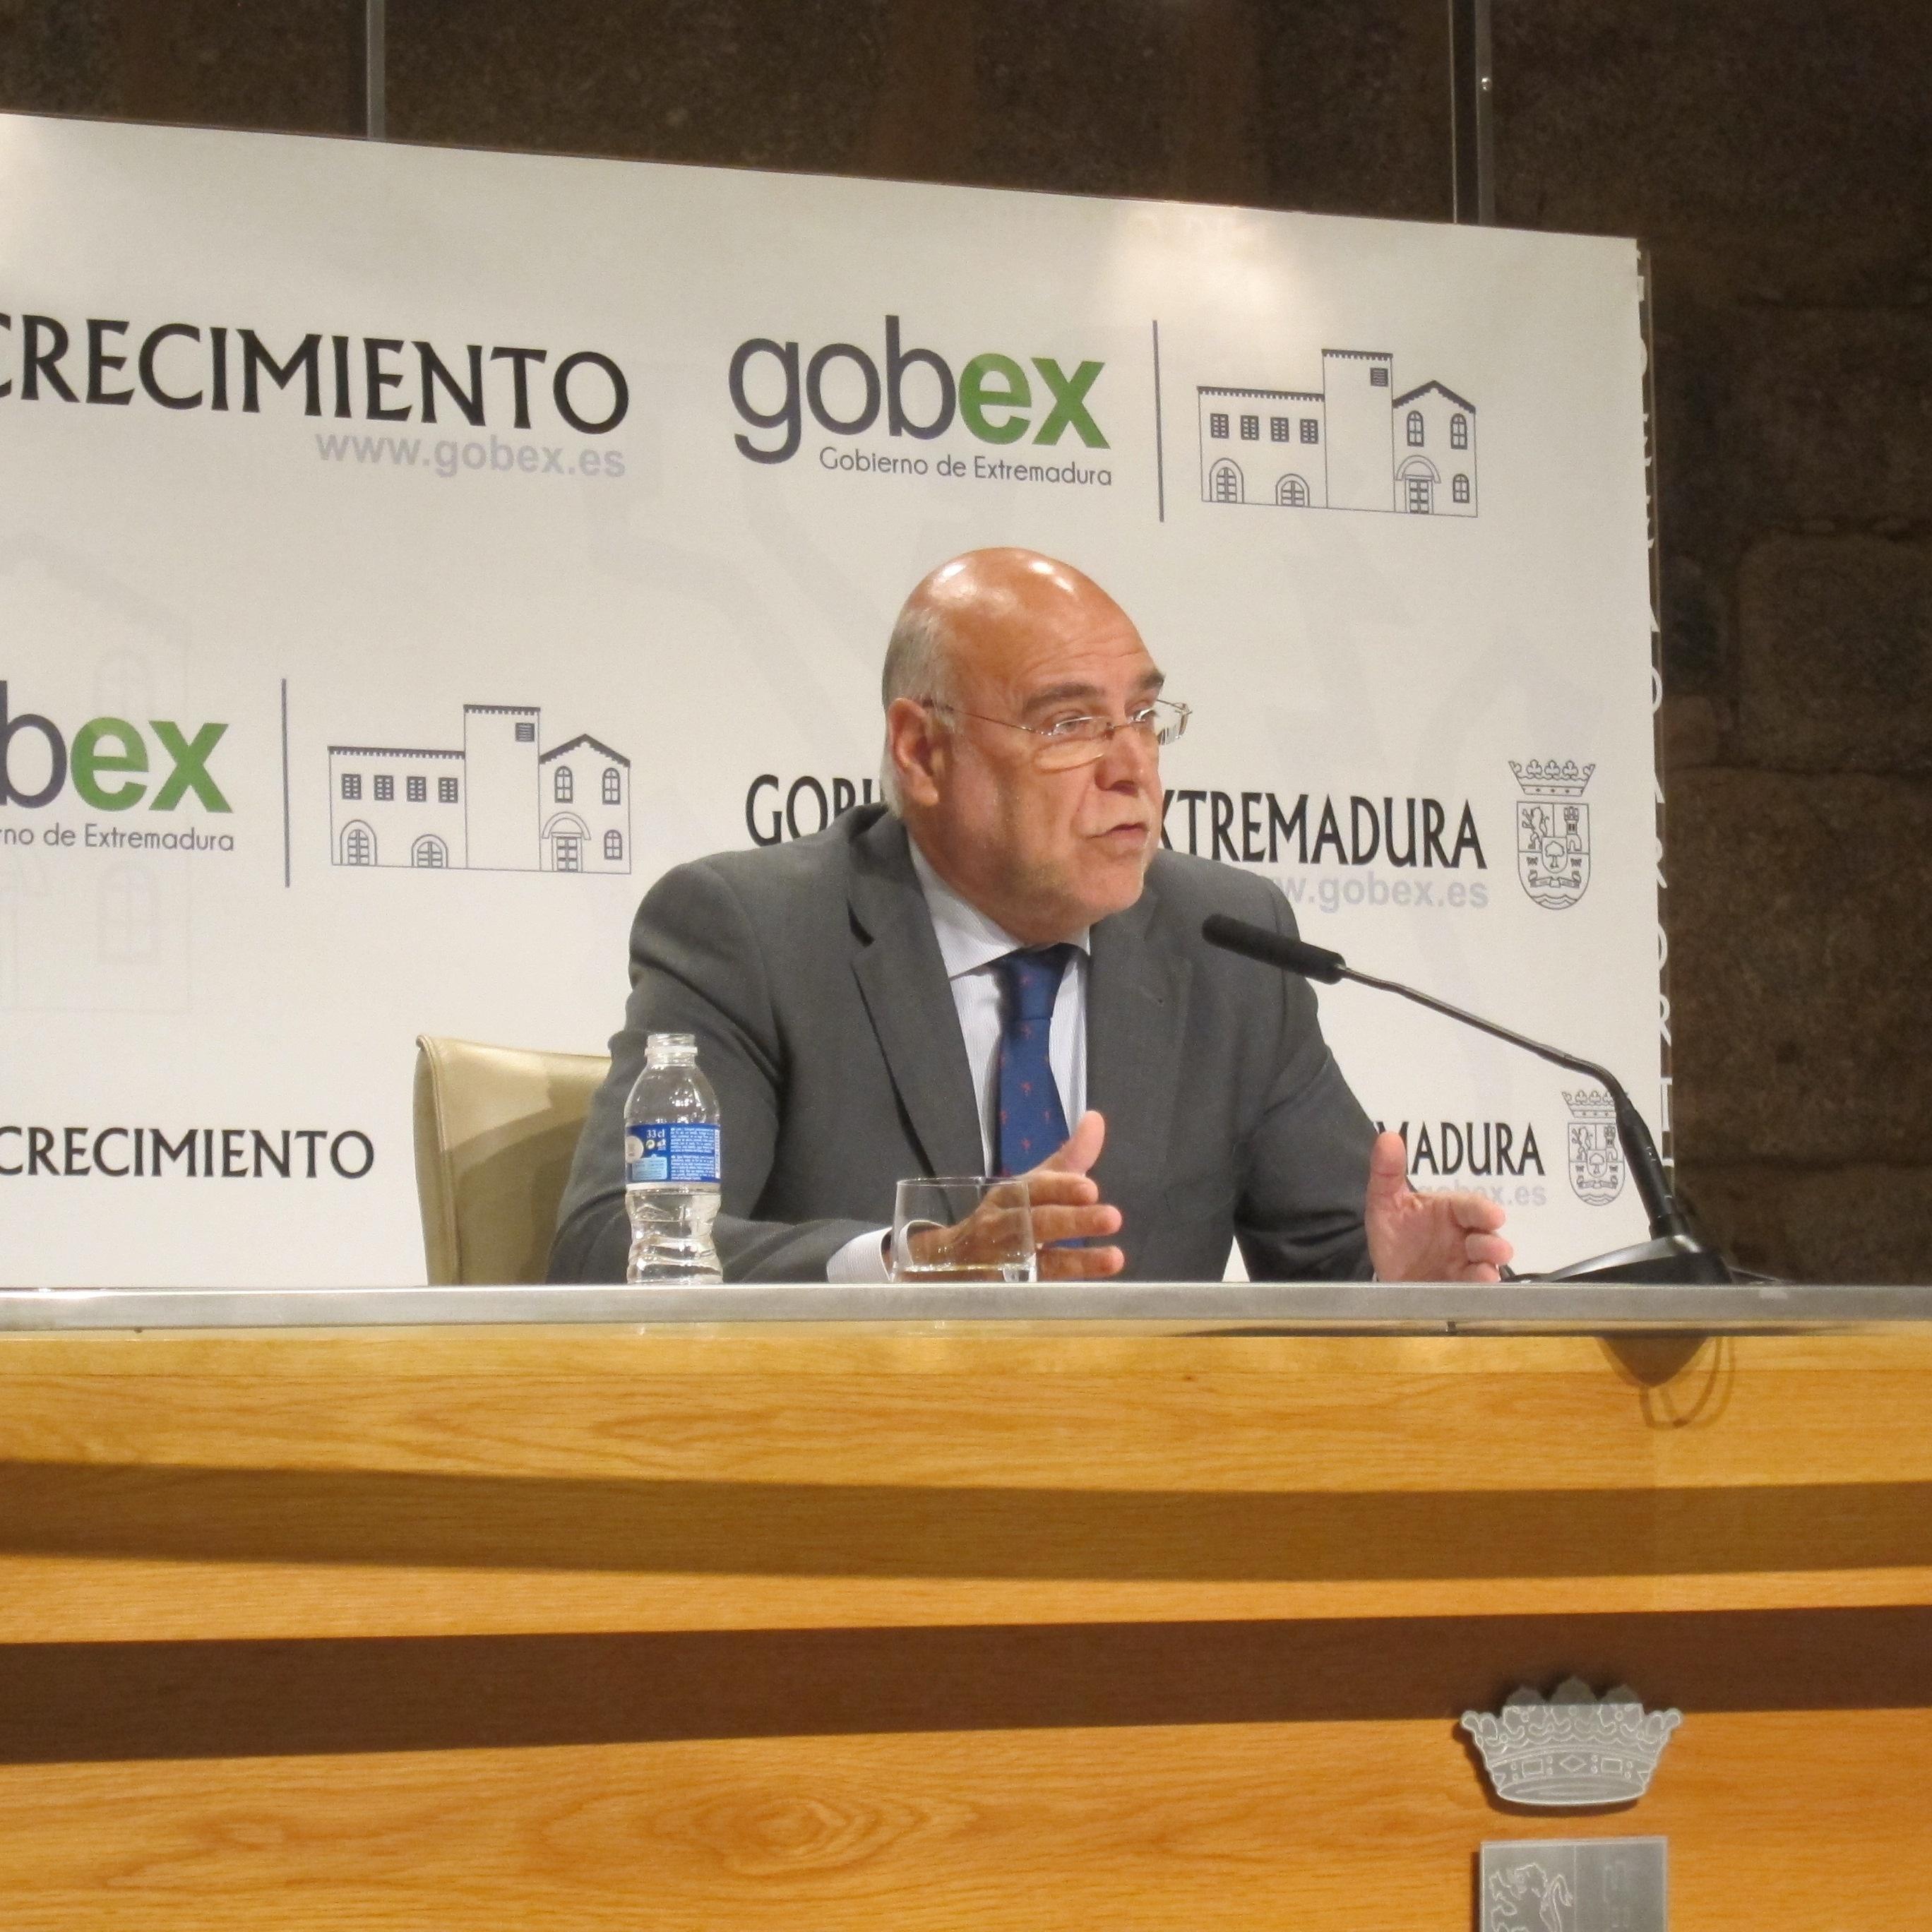 Extremadura pide apoyo para la biomasa, el balance neto de electricidad y los proyectos fotovoltaicos sin primas